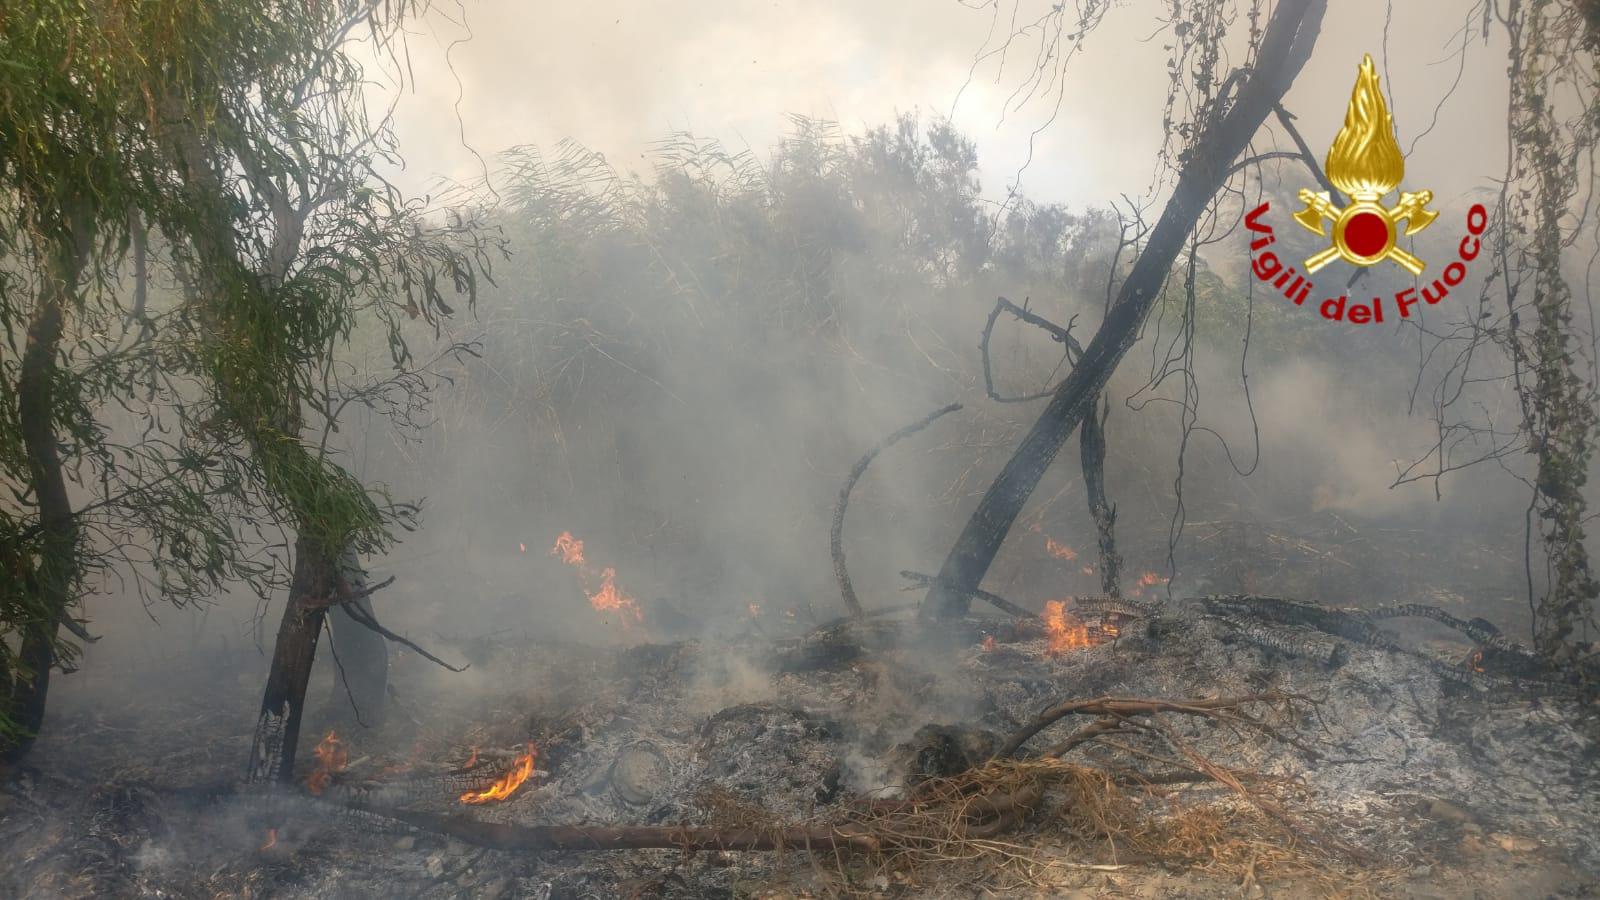 Incendio nell'Oasi del Simeto, fumo alto e fiamme: in azione vigili del fuoco e Forestale – FOTO